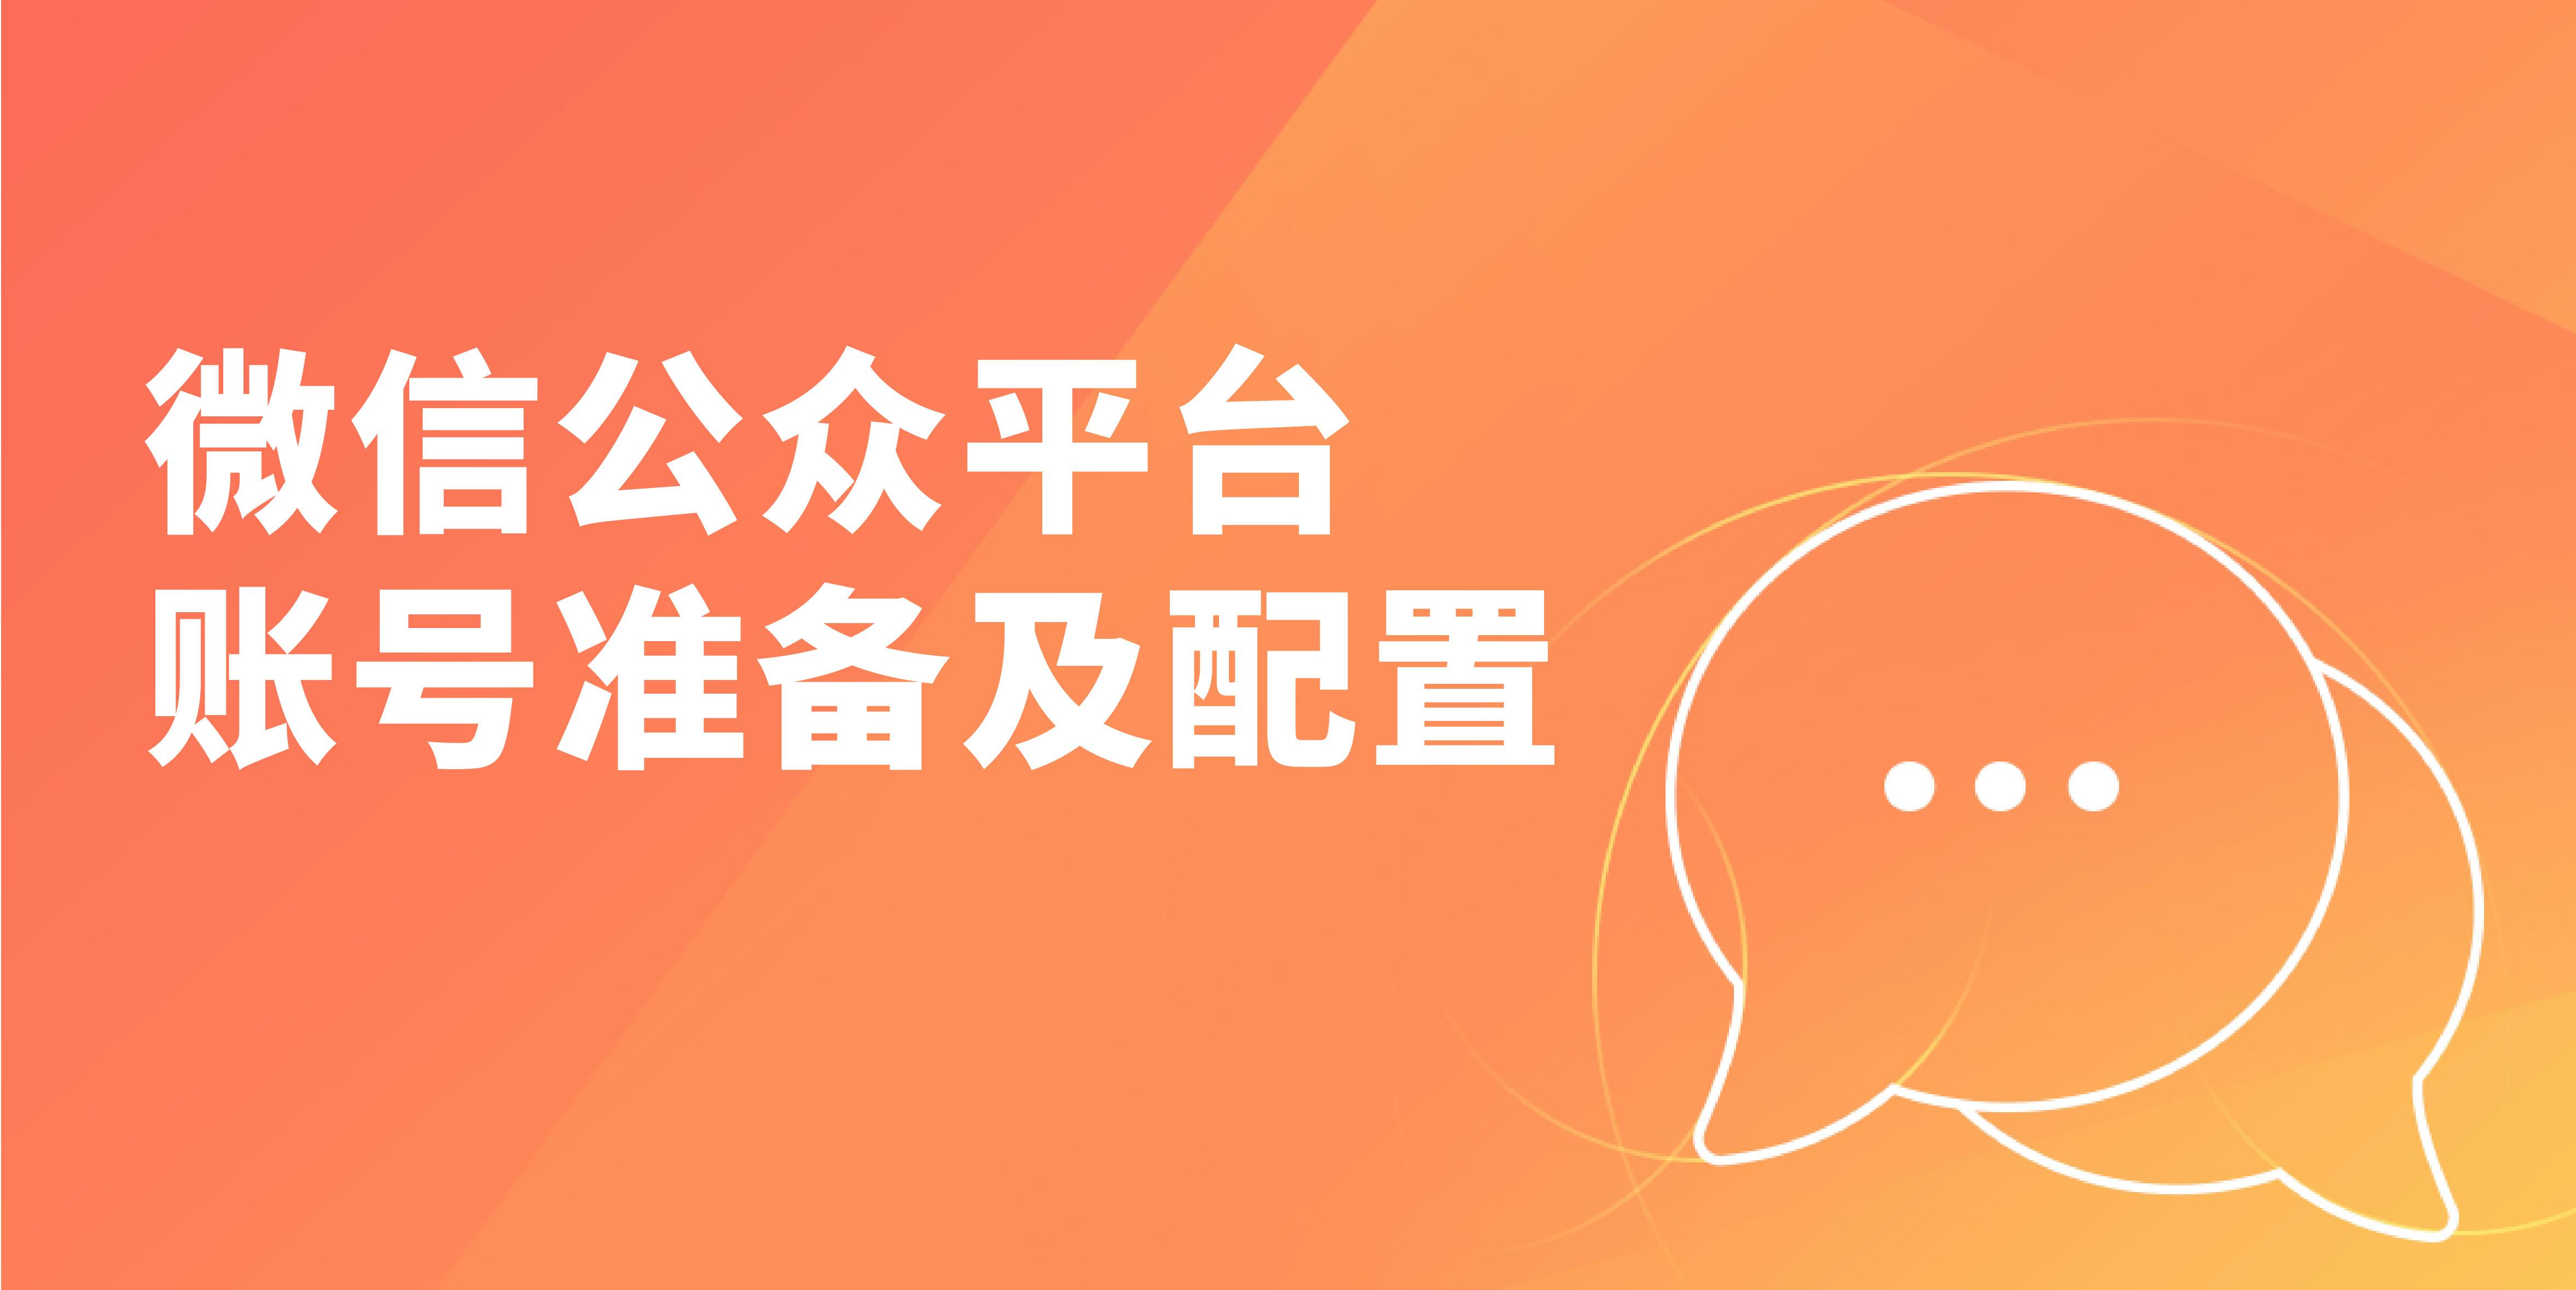 微信公众平台账号准备及配置